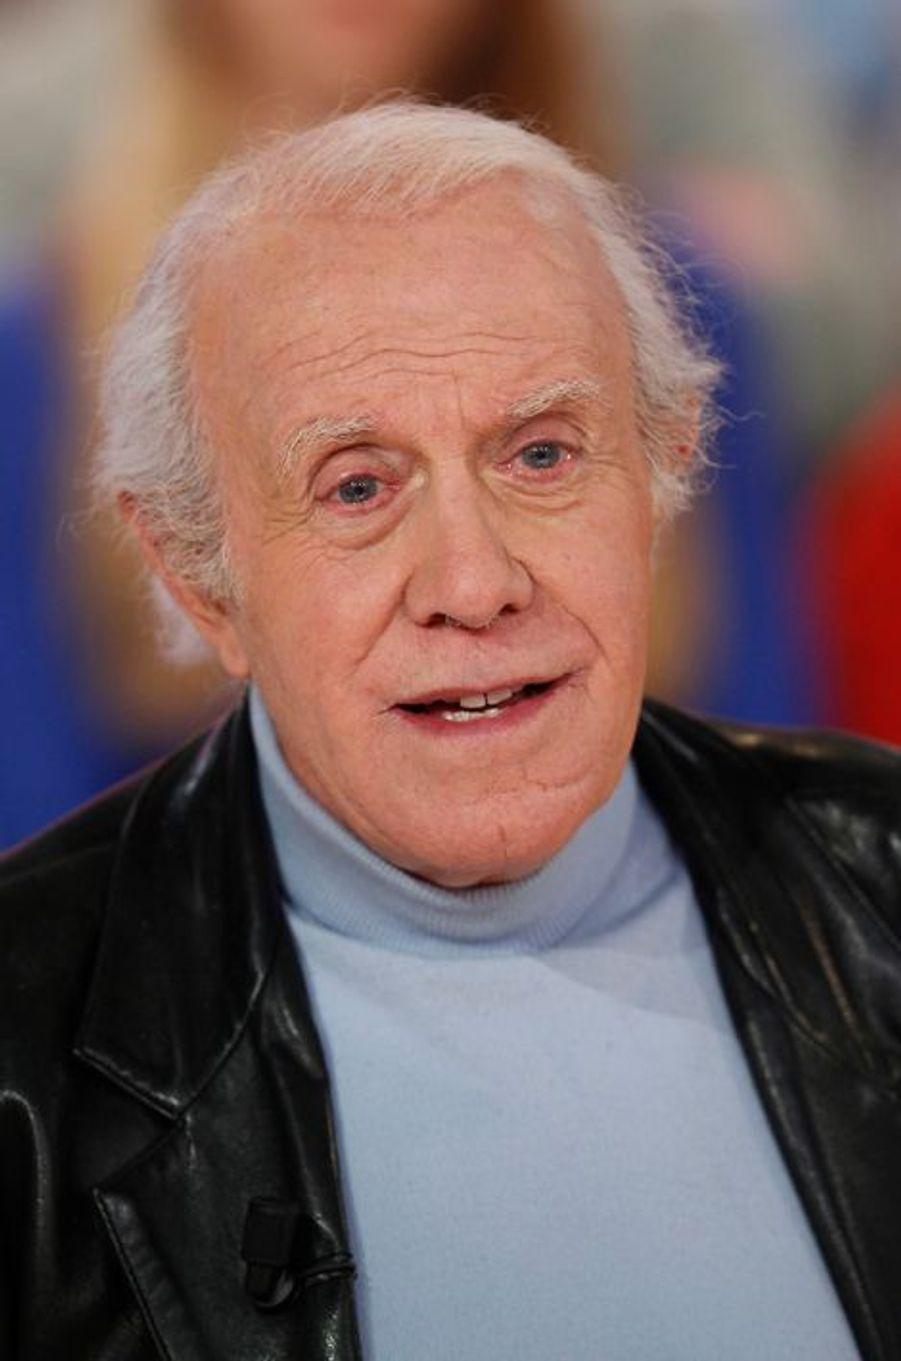 Jacques Balutin lors de l'enregistrement de Vivement Dimanche Victor Lanoux, le 12 novembre 2014